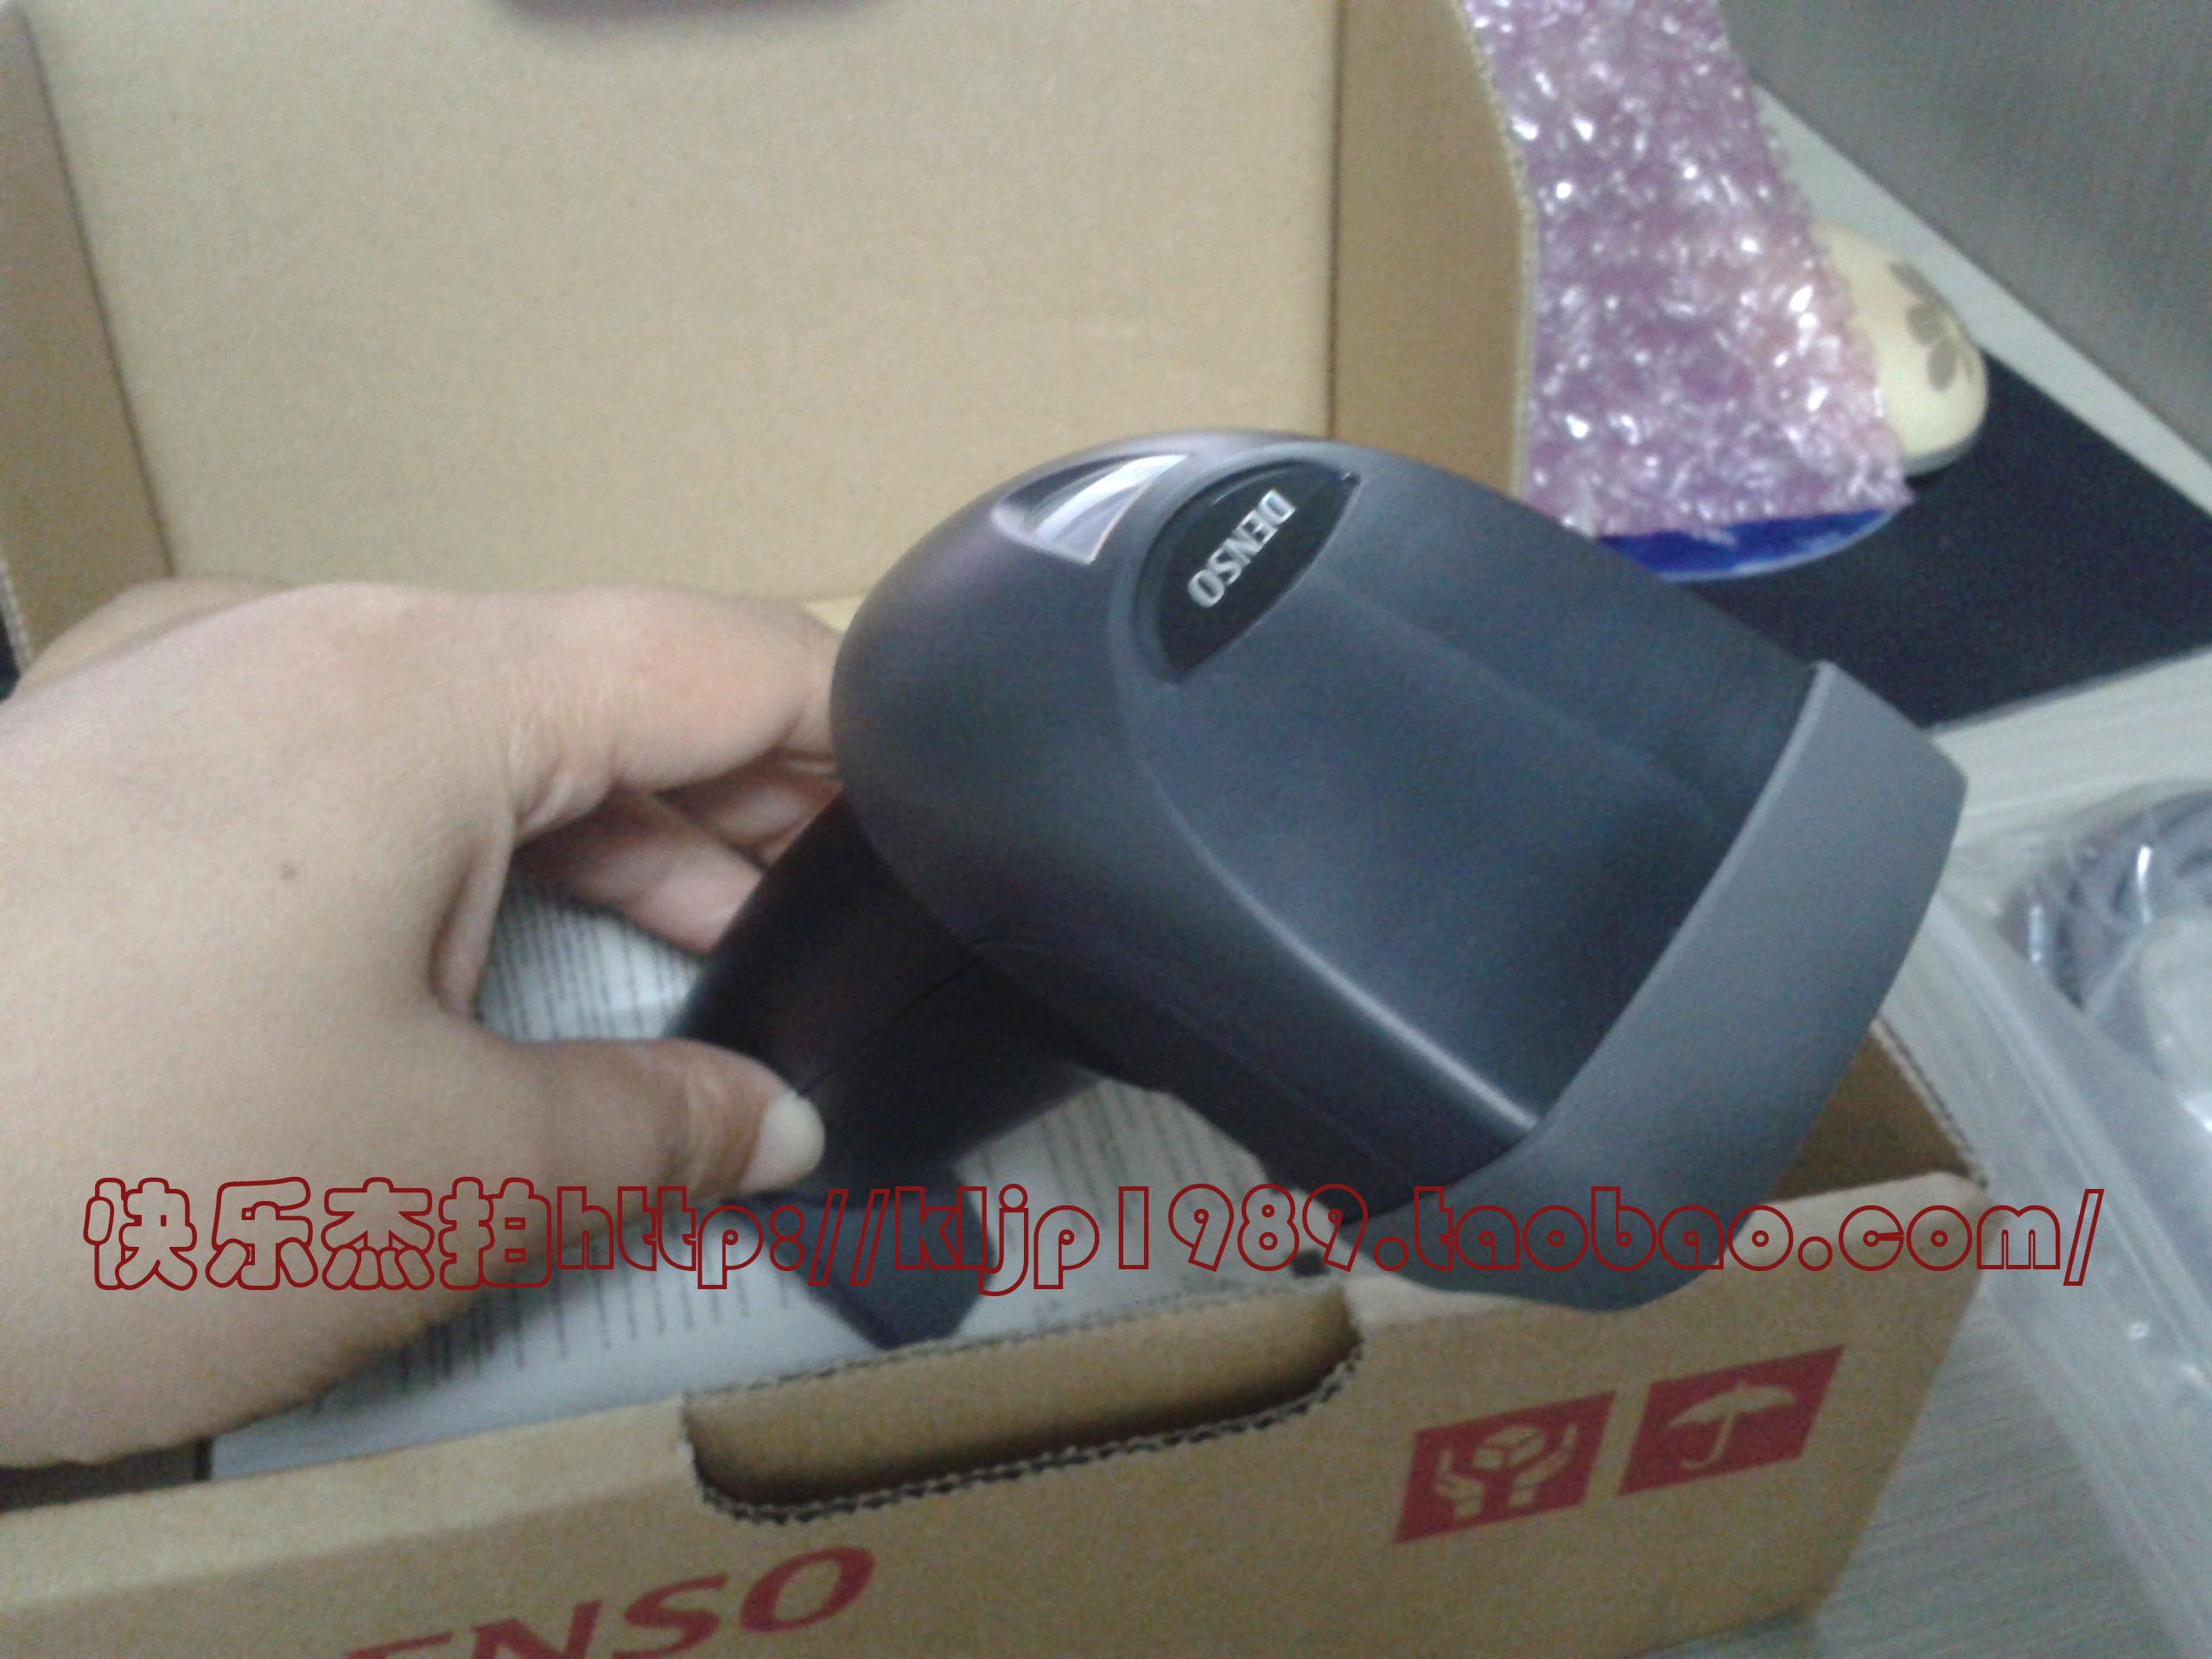 Терминал сбора данных {} DENSO подлинным Toyota Denso at20/21б SM одномерный сканирования пистолет сбора данных сканирует